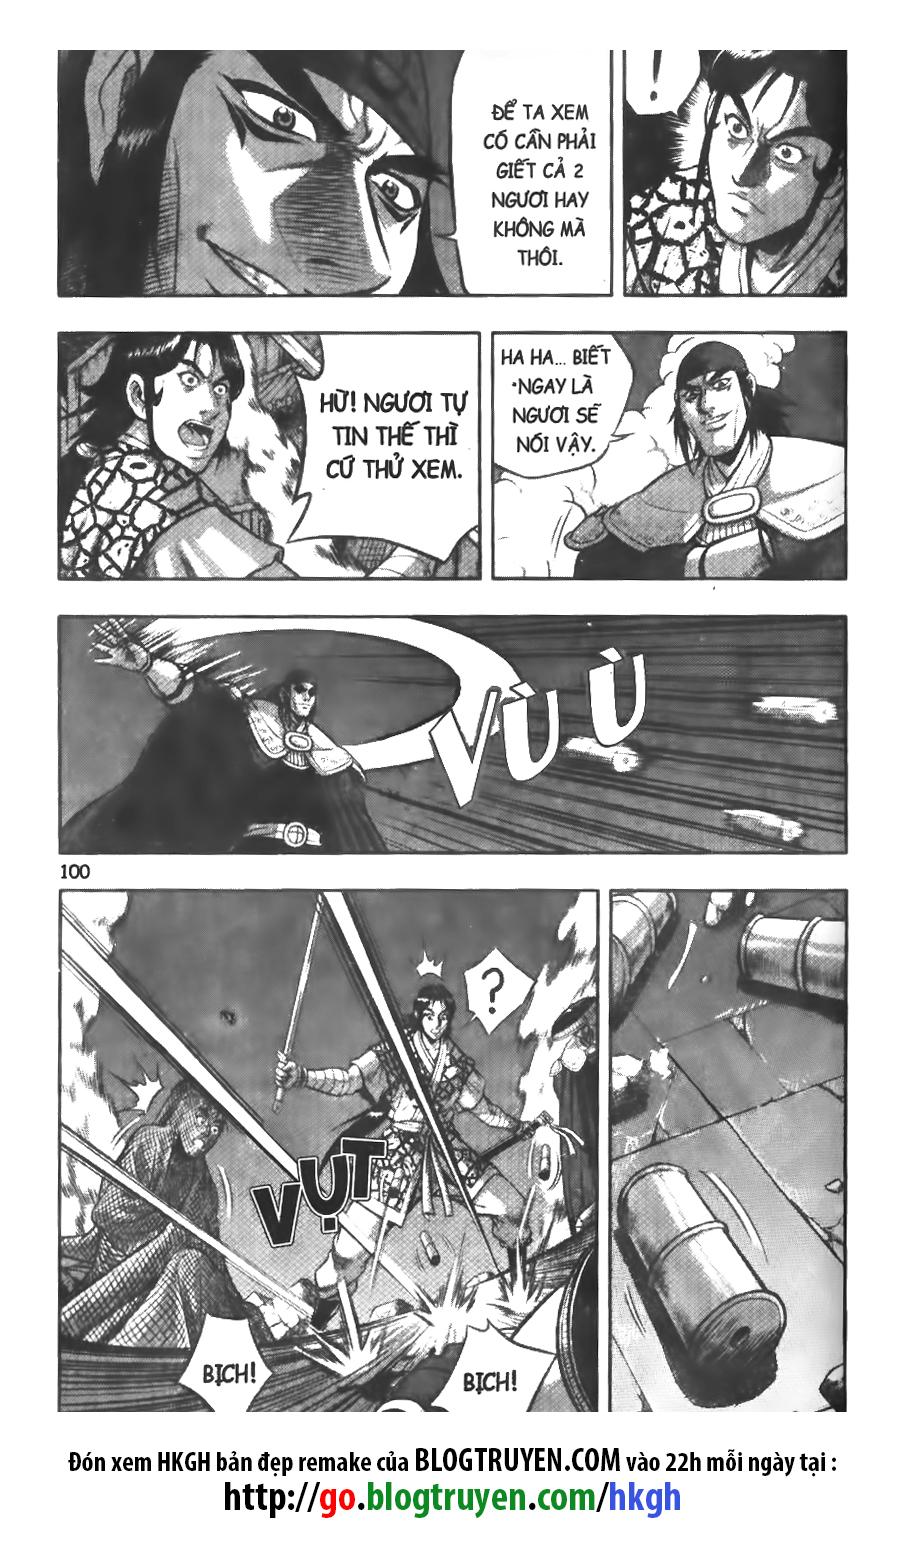 xem truyen moi - Hiệp Khách Giang Hồ Vol48 - Chap 336 - Remake